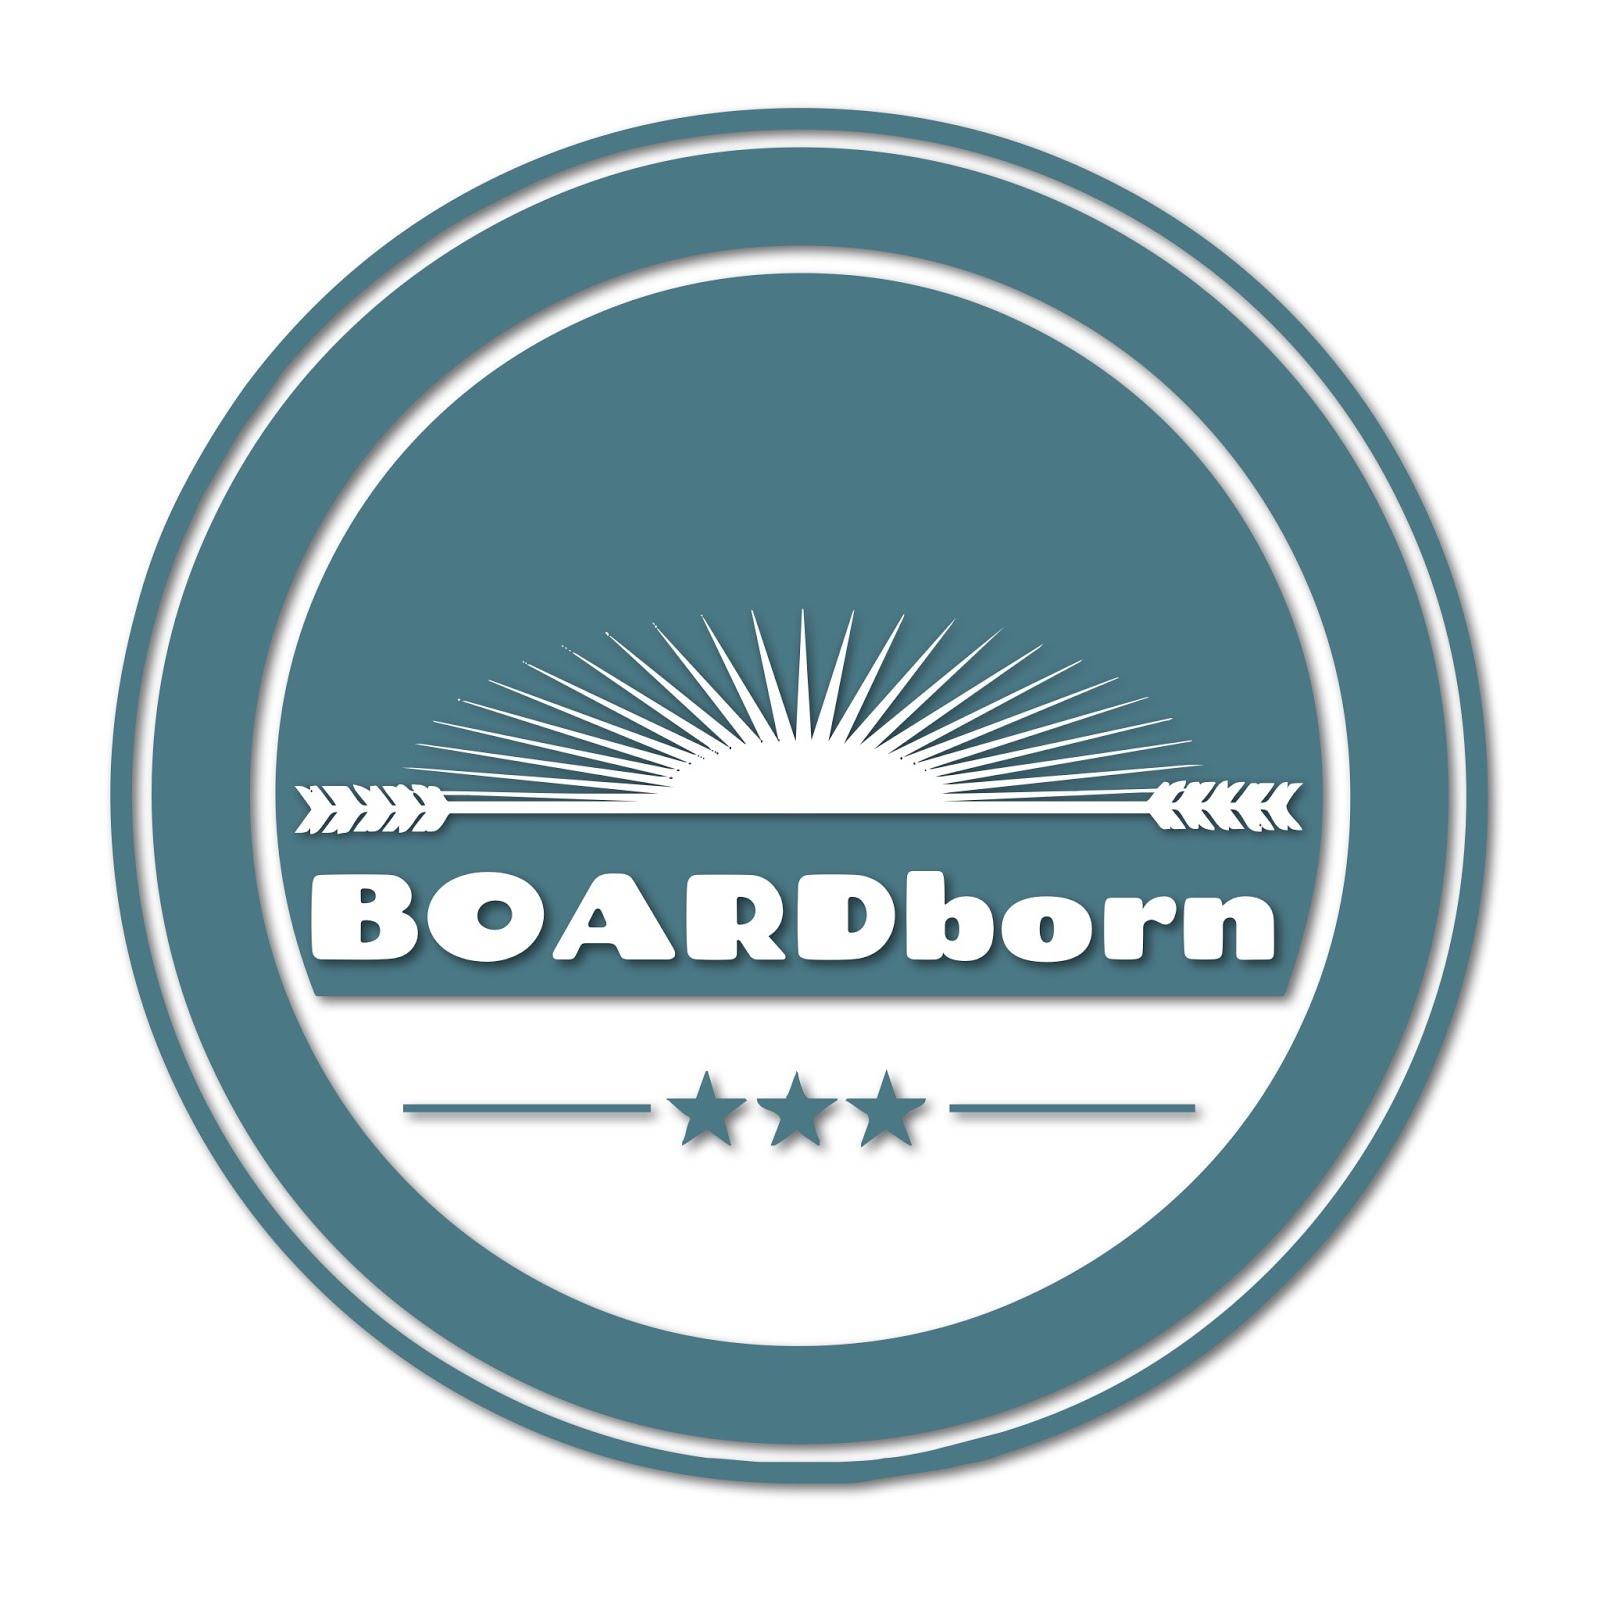 BOARDborn